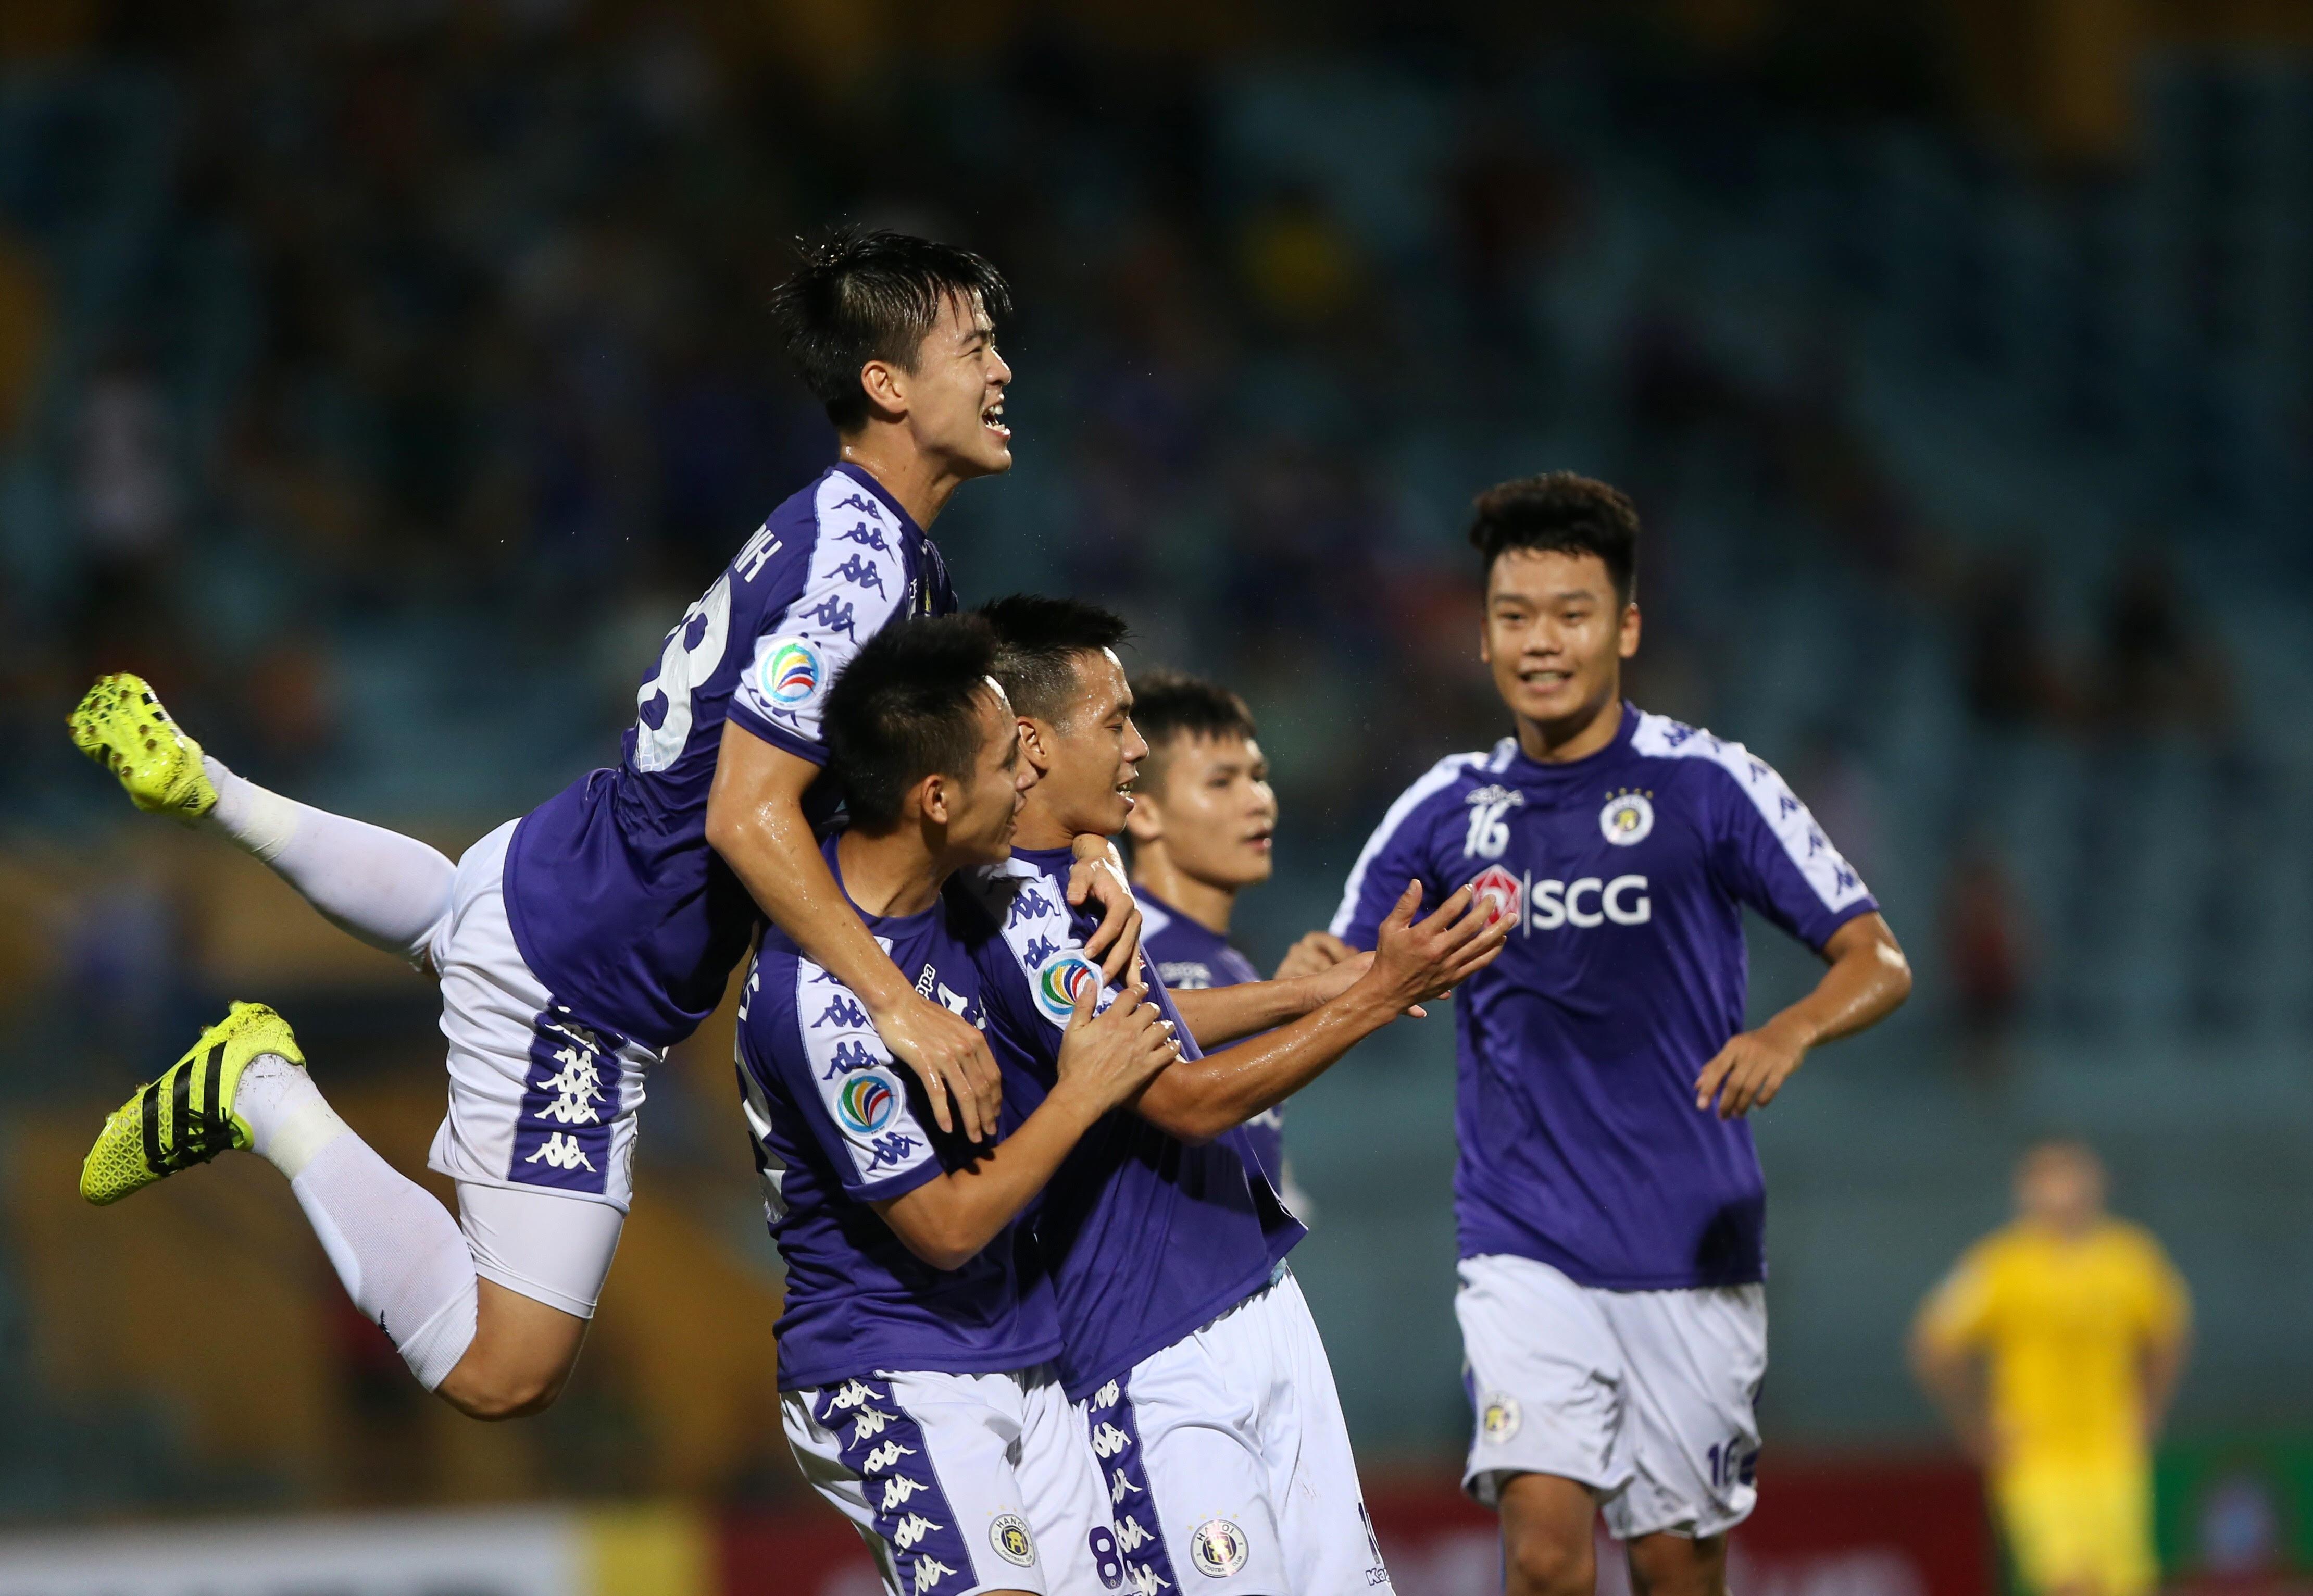 Thắng Ceres Negros 2-1 trong trận tái đấu, Hà Nội FC vào chung kết AFC Cup 2019 khu vực Đông Nam Á